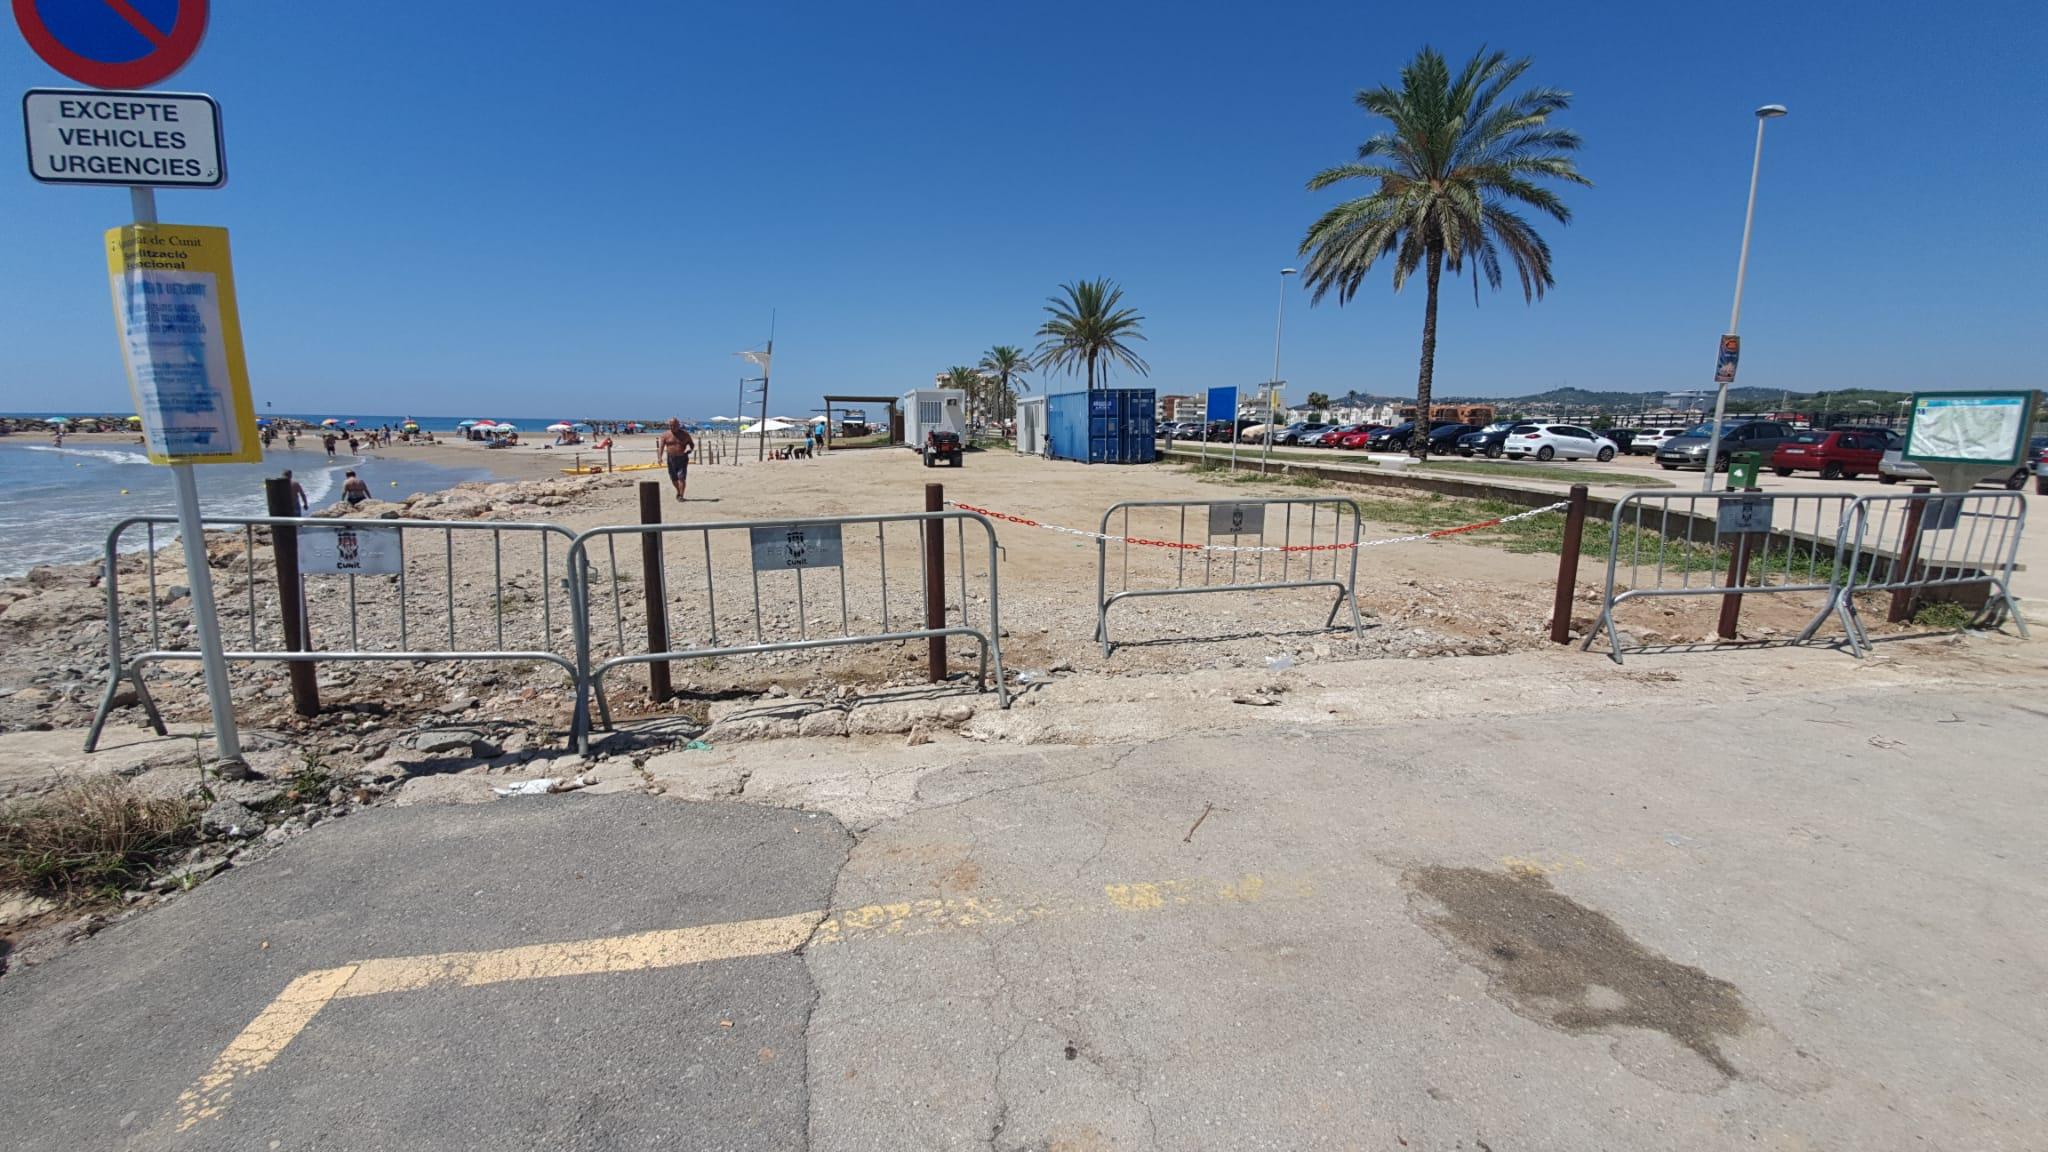 L'ajuntament regula l'accés de vehicles nàutics a les platges